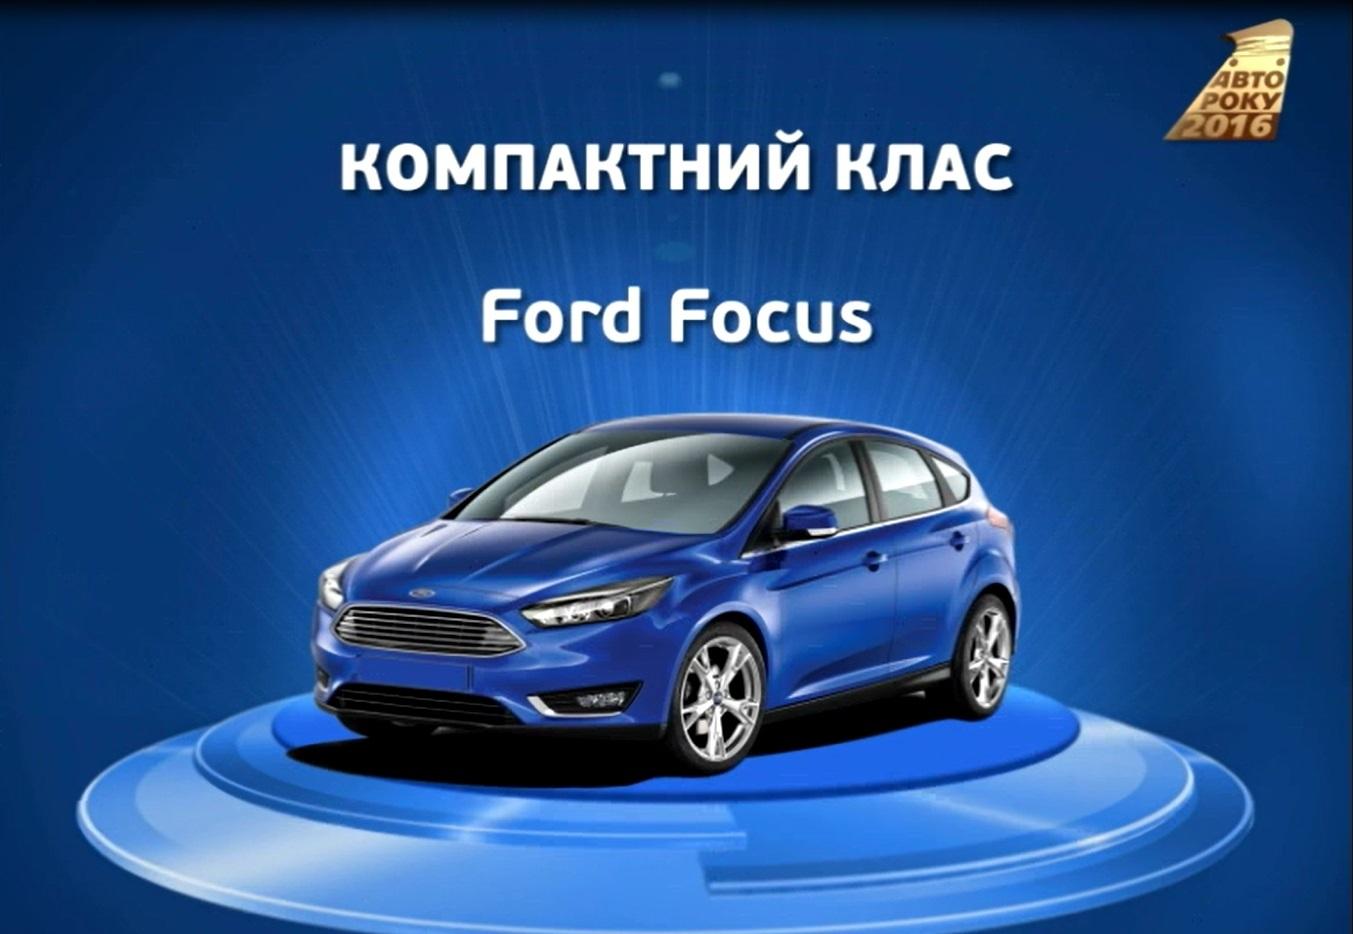 Ford Focus - кращий компактний автомобіль - офіційний представник Winner в Україні